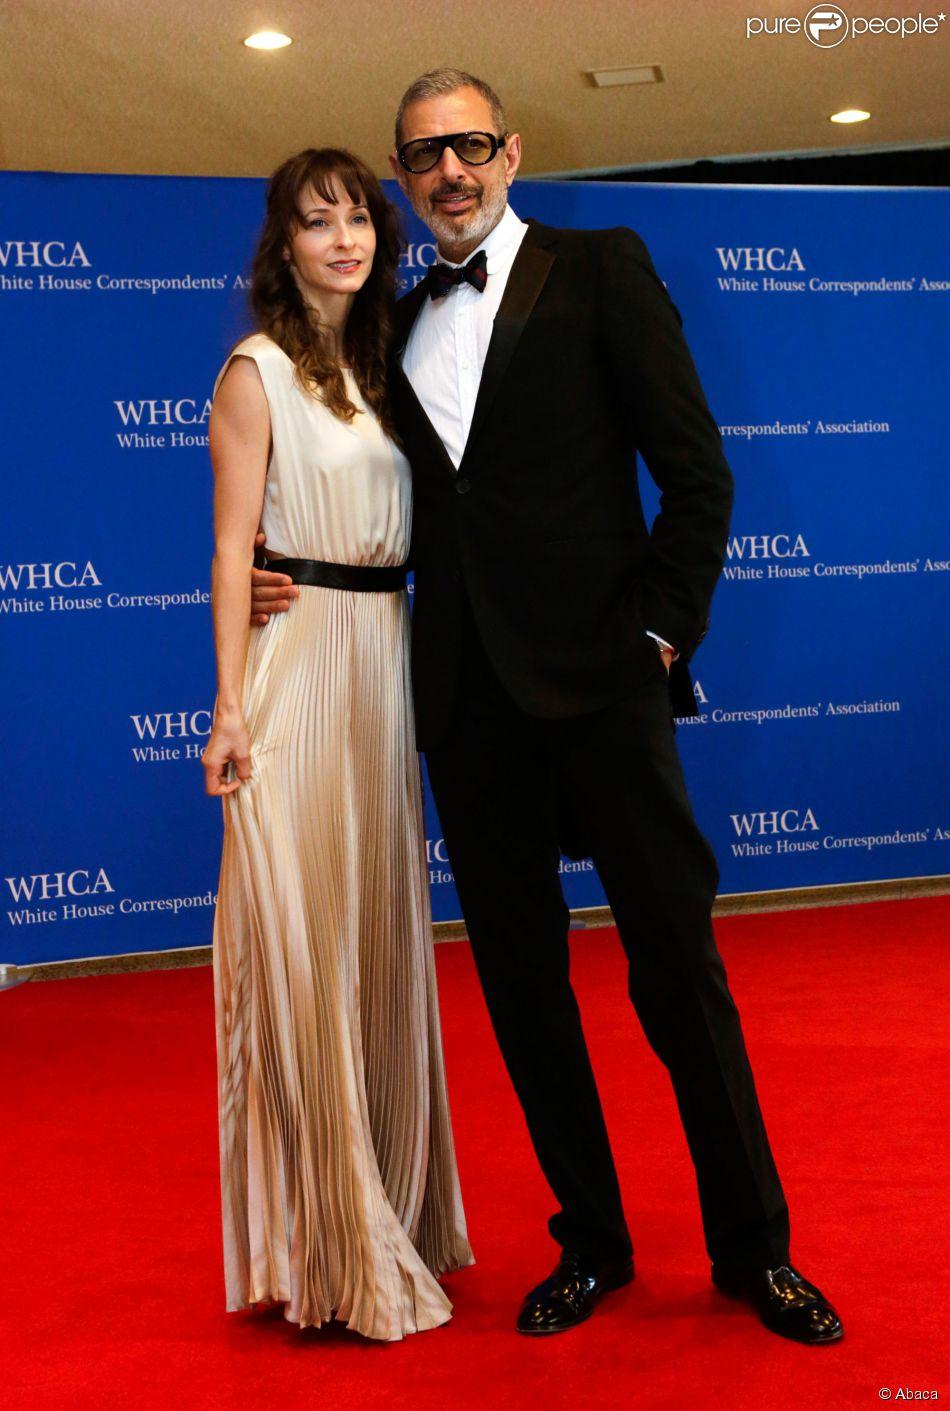 Emilie Livingston et Jeff Goldblum lors du dîner des correspondants de la Maison blanche à Washington le 3 mai 2014